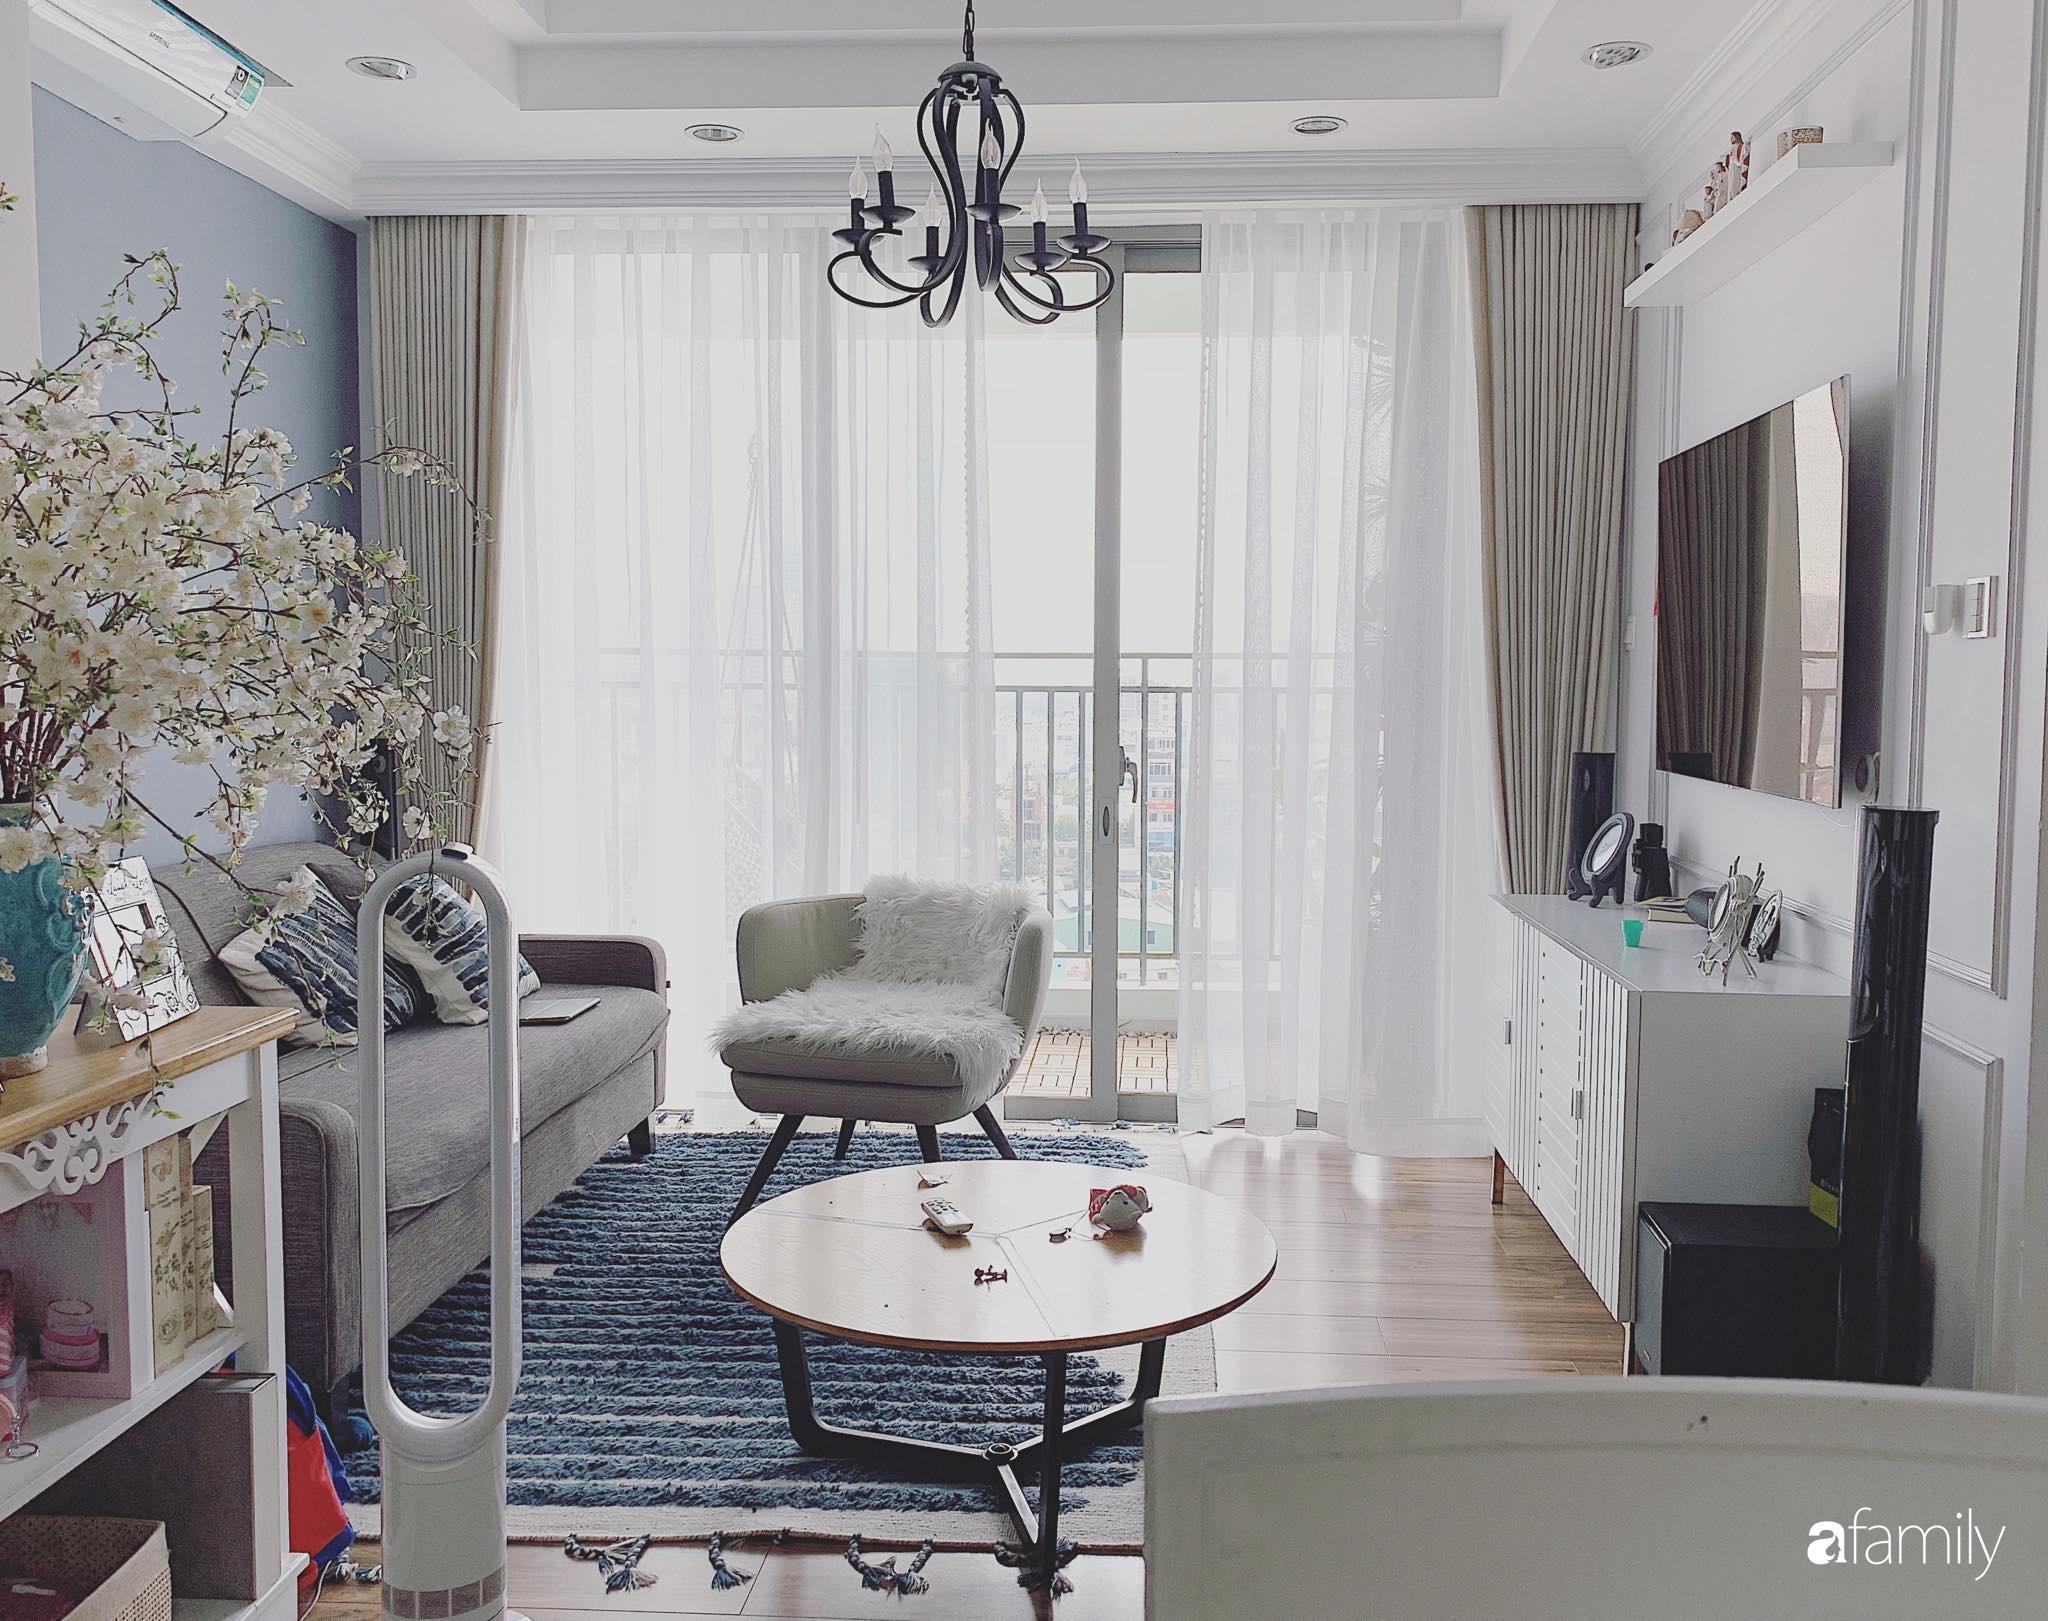 Căn hộ 92m² với góc nào cũng đẹp như trong tạp chí nước ngoài của gia chủ yêu thích trang trí nội thất ở Sài Gòn - Ảnh 6.